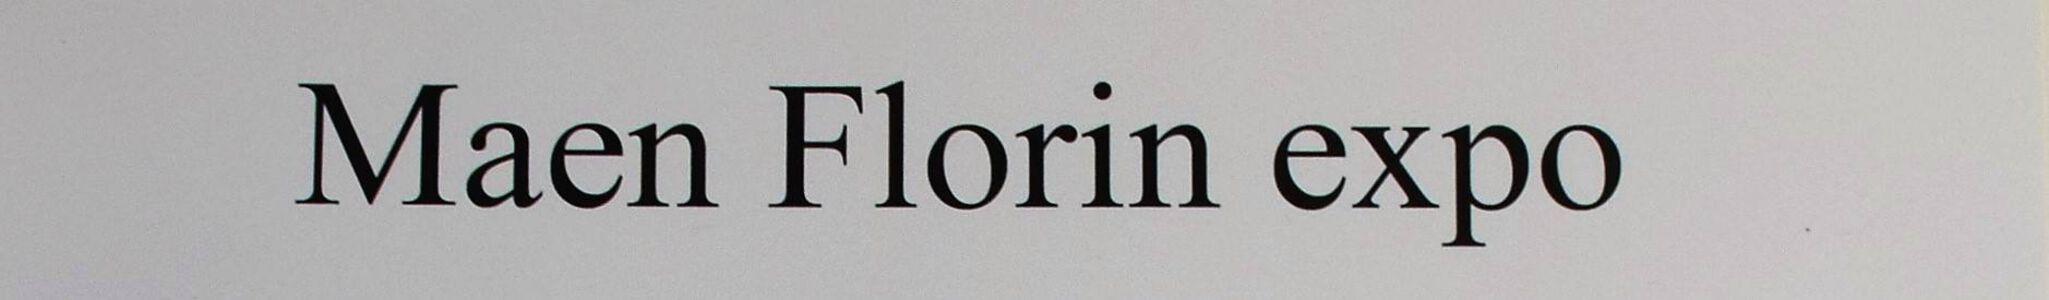 Maen Florin